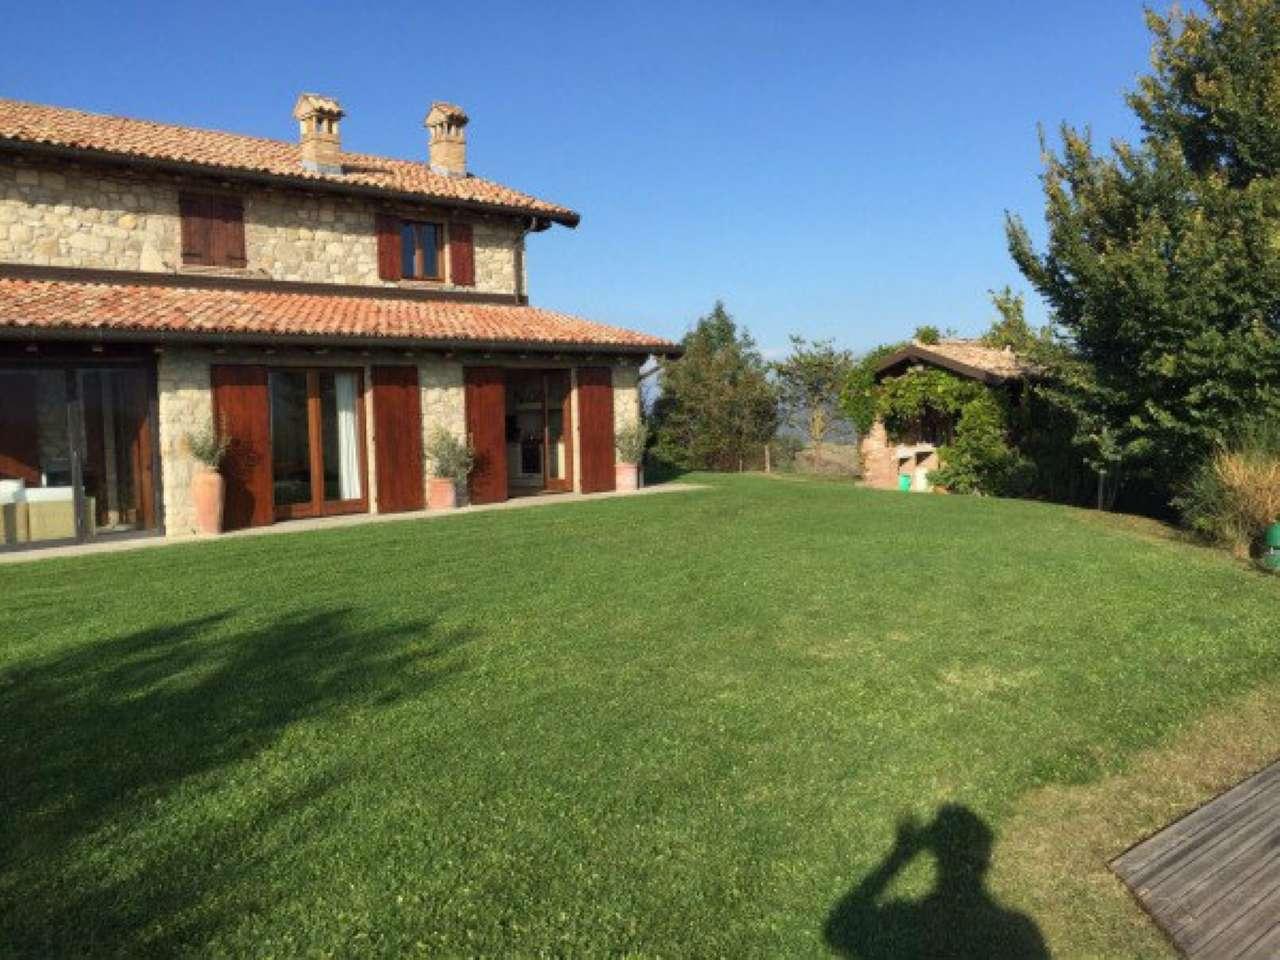 Soluzione Indipendente in vendita a Borgo Priolo, 5 locali, prezzo € 900.000 | Cambio Casa.it